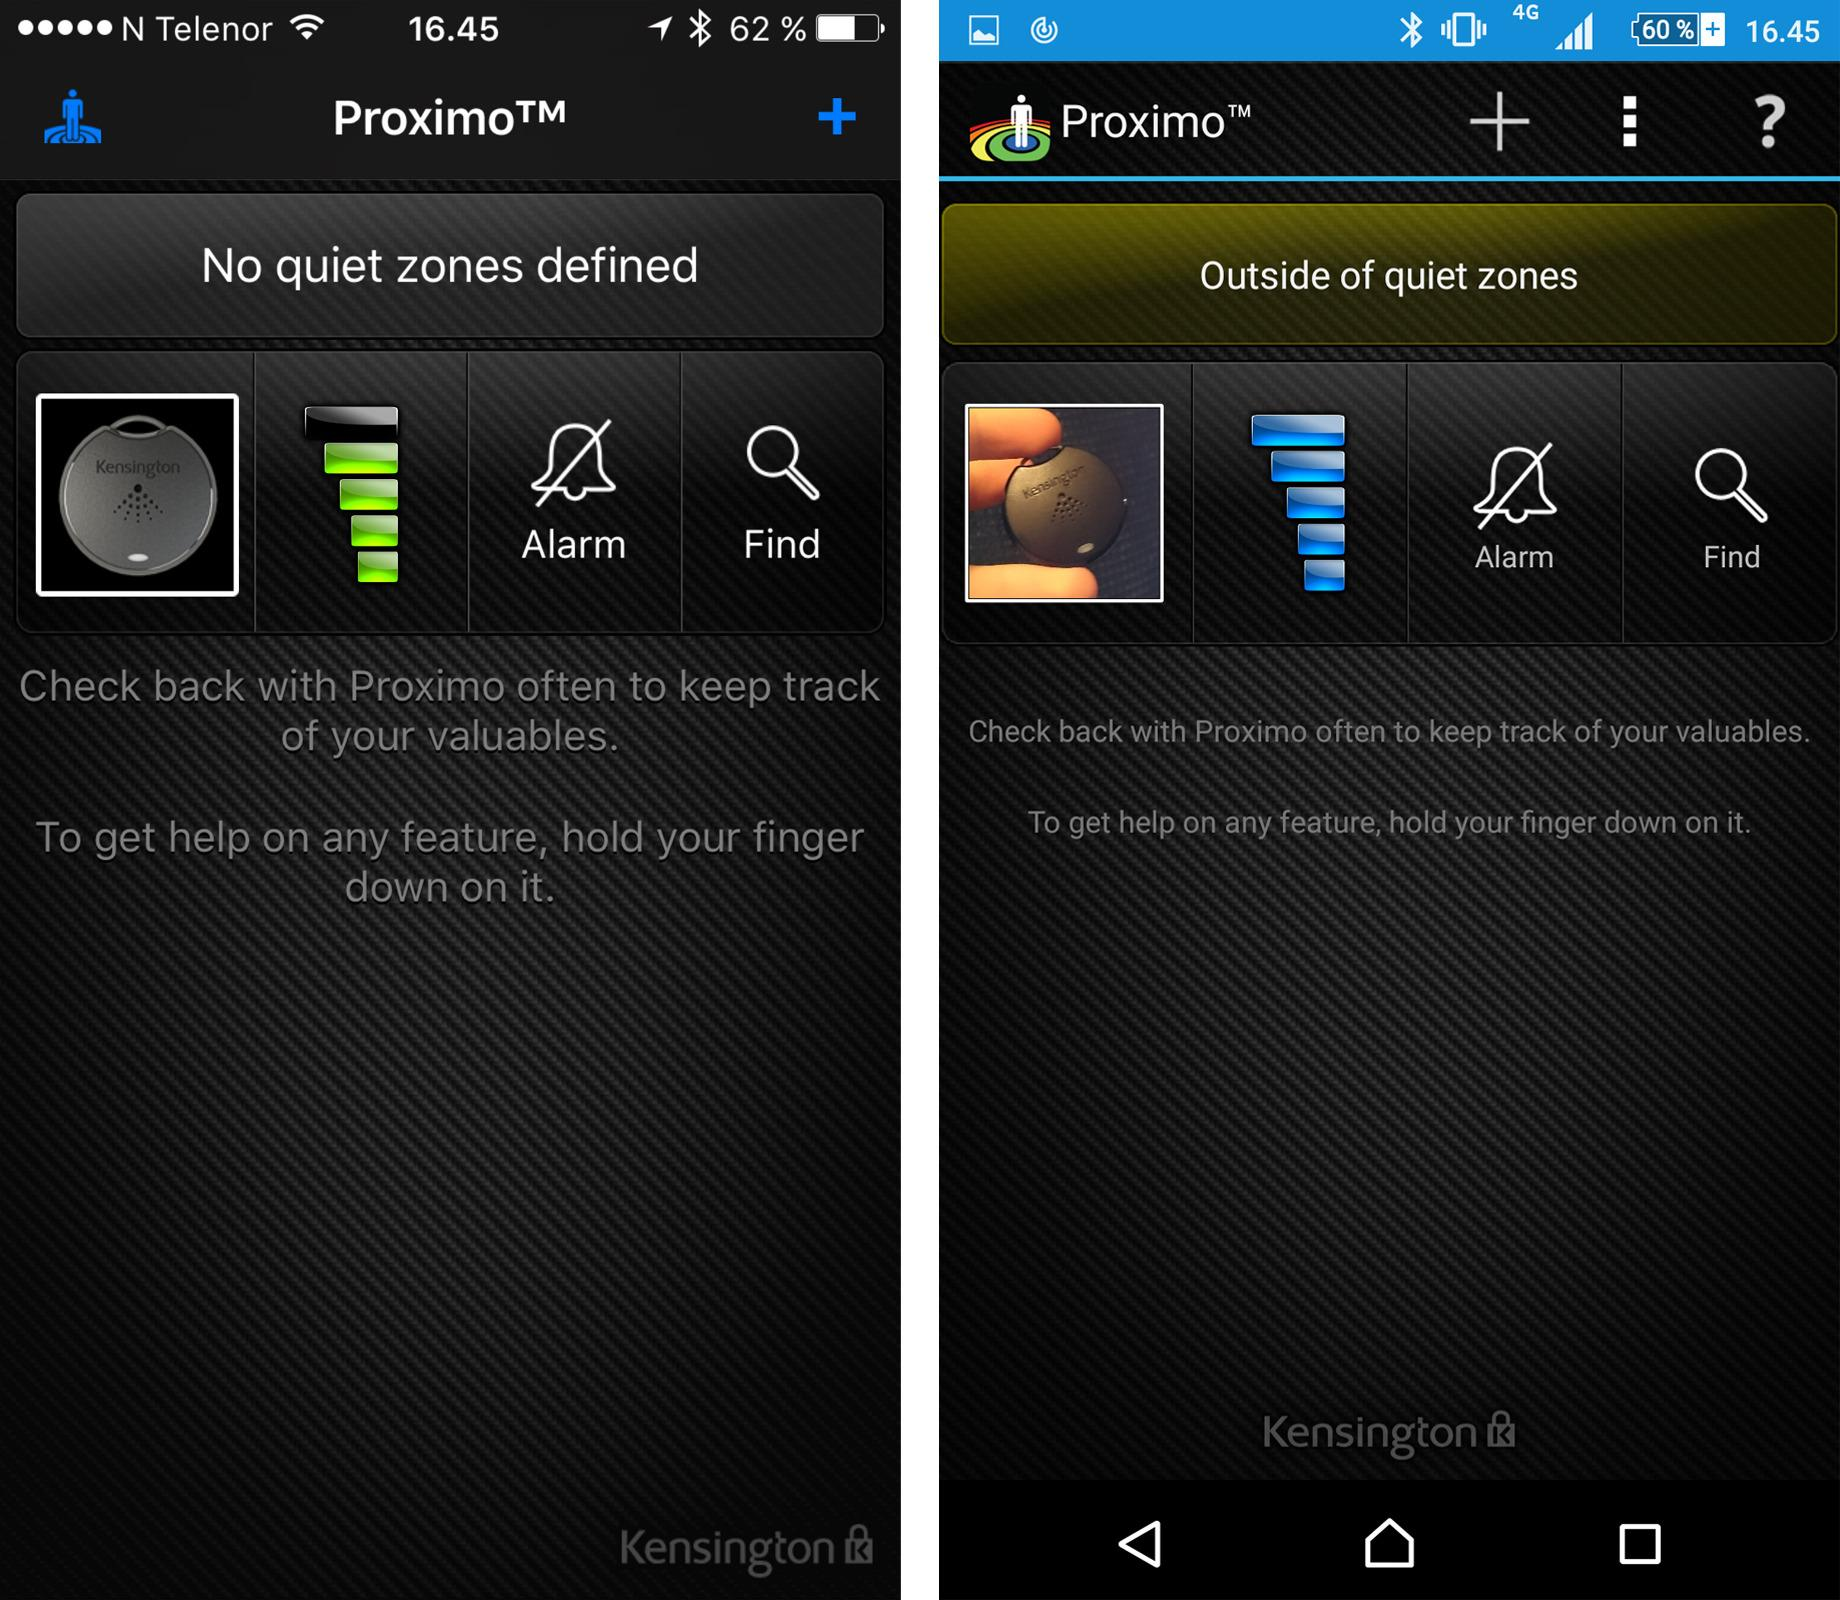 Proximo-forsiden på iOS (venstre) og Android (høyre) er ganske lik – og ser litt gammeldags ut, sett med dagens øyne.